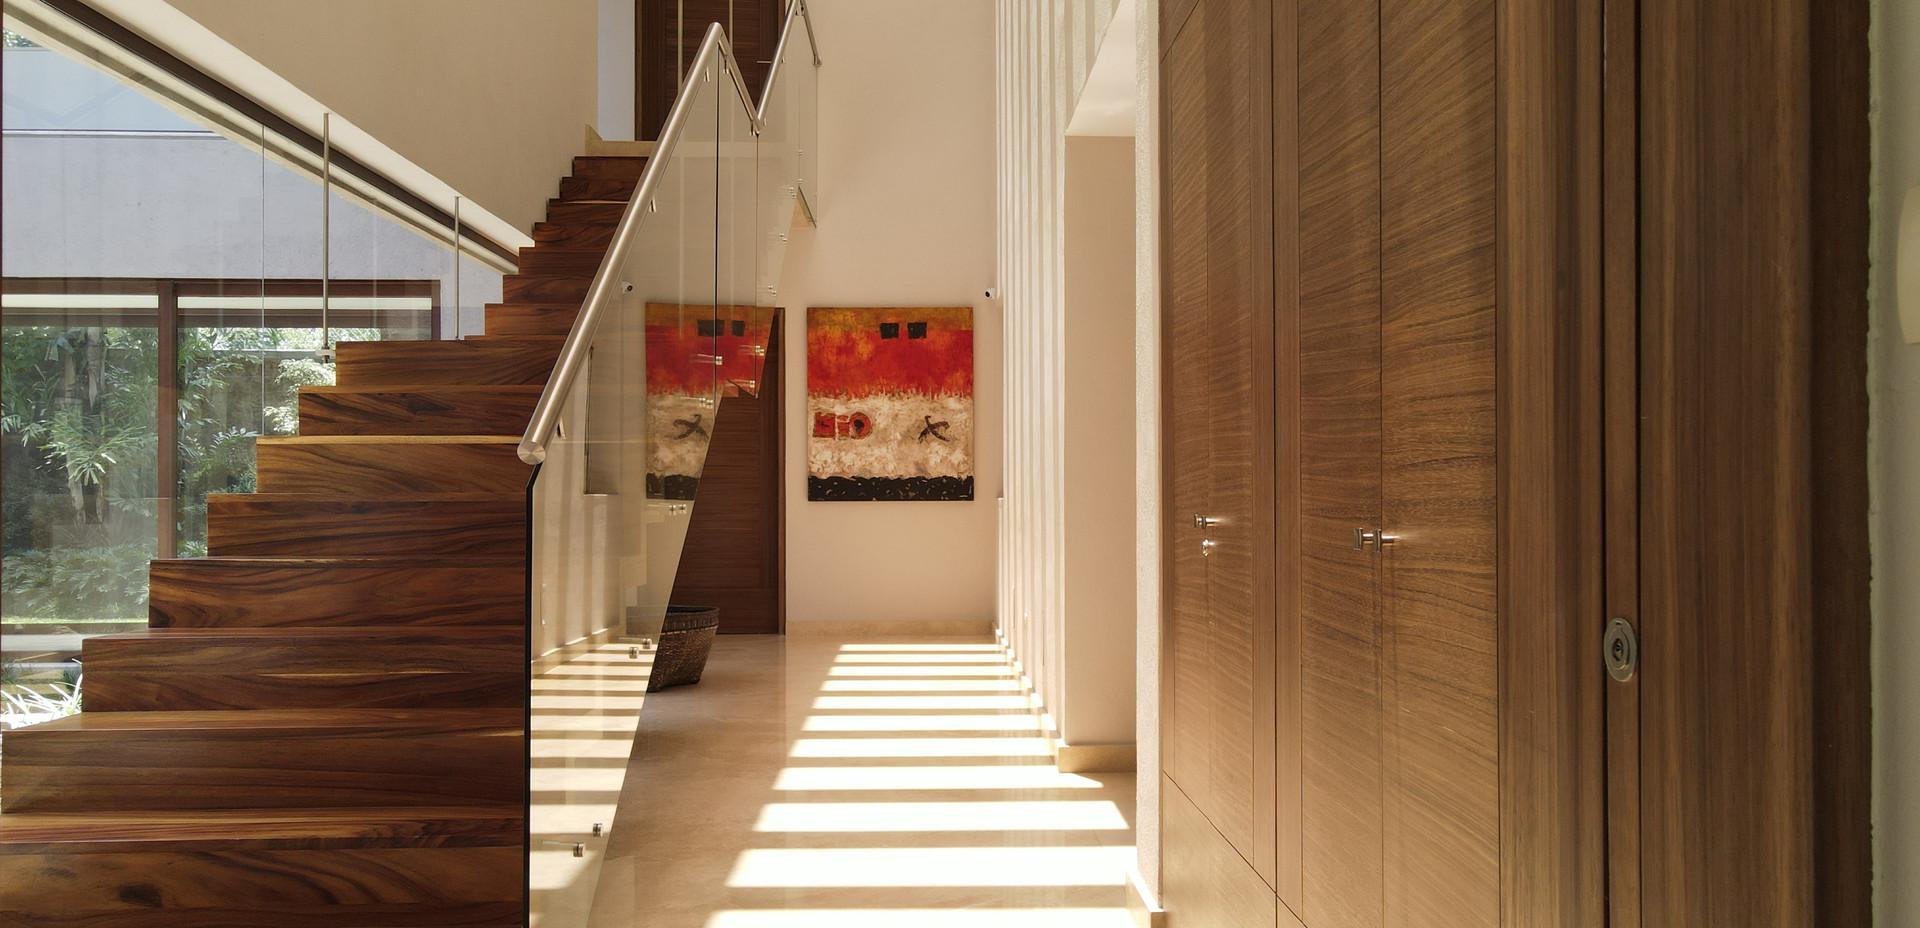 DM Arquitectos-Casa de la Vida 12.JPG